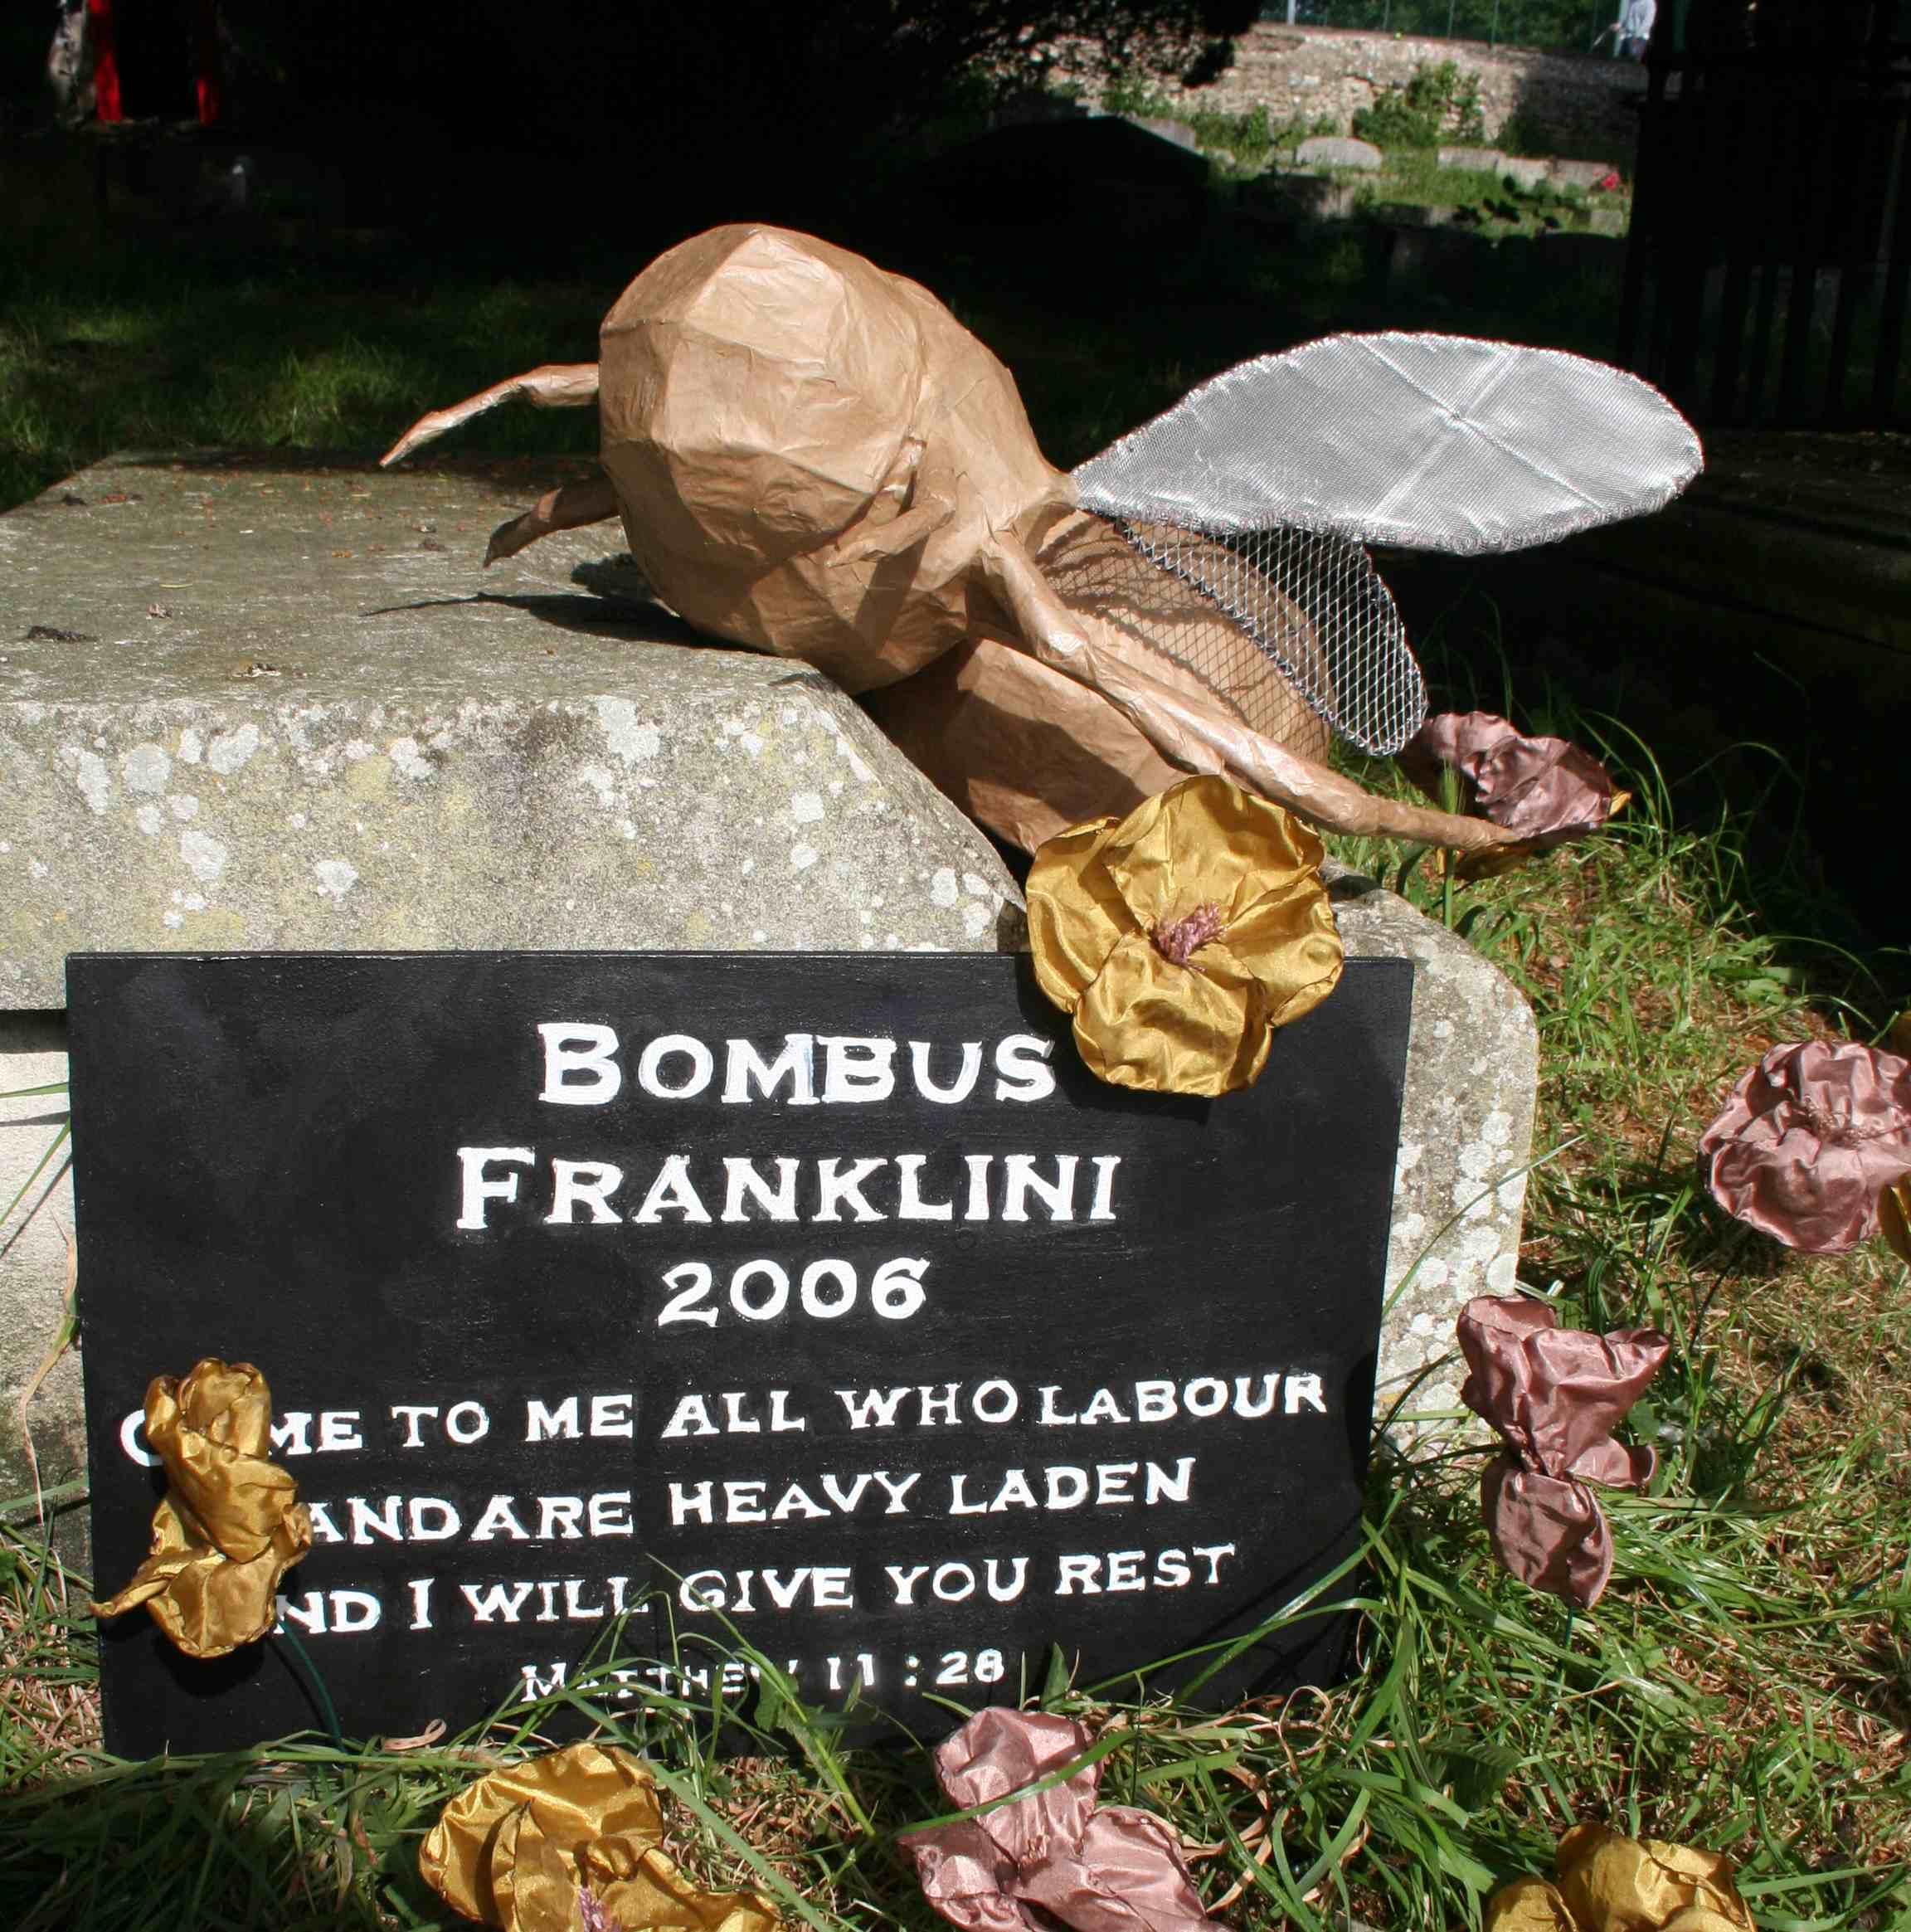 A memorial made by Eri Meacock